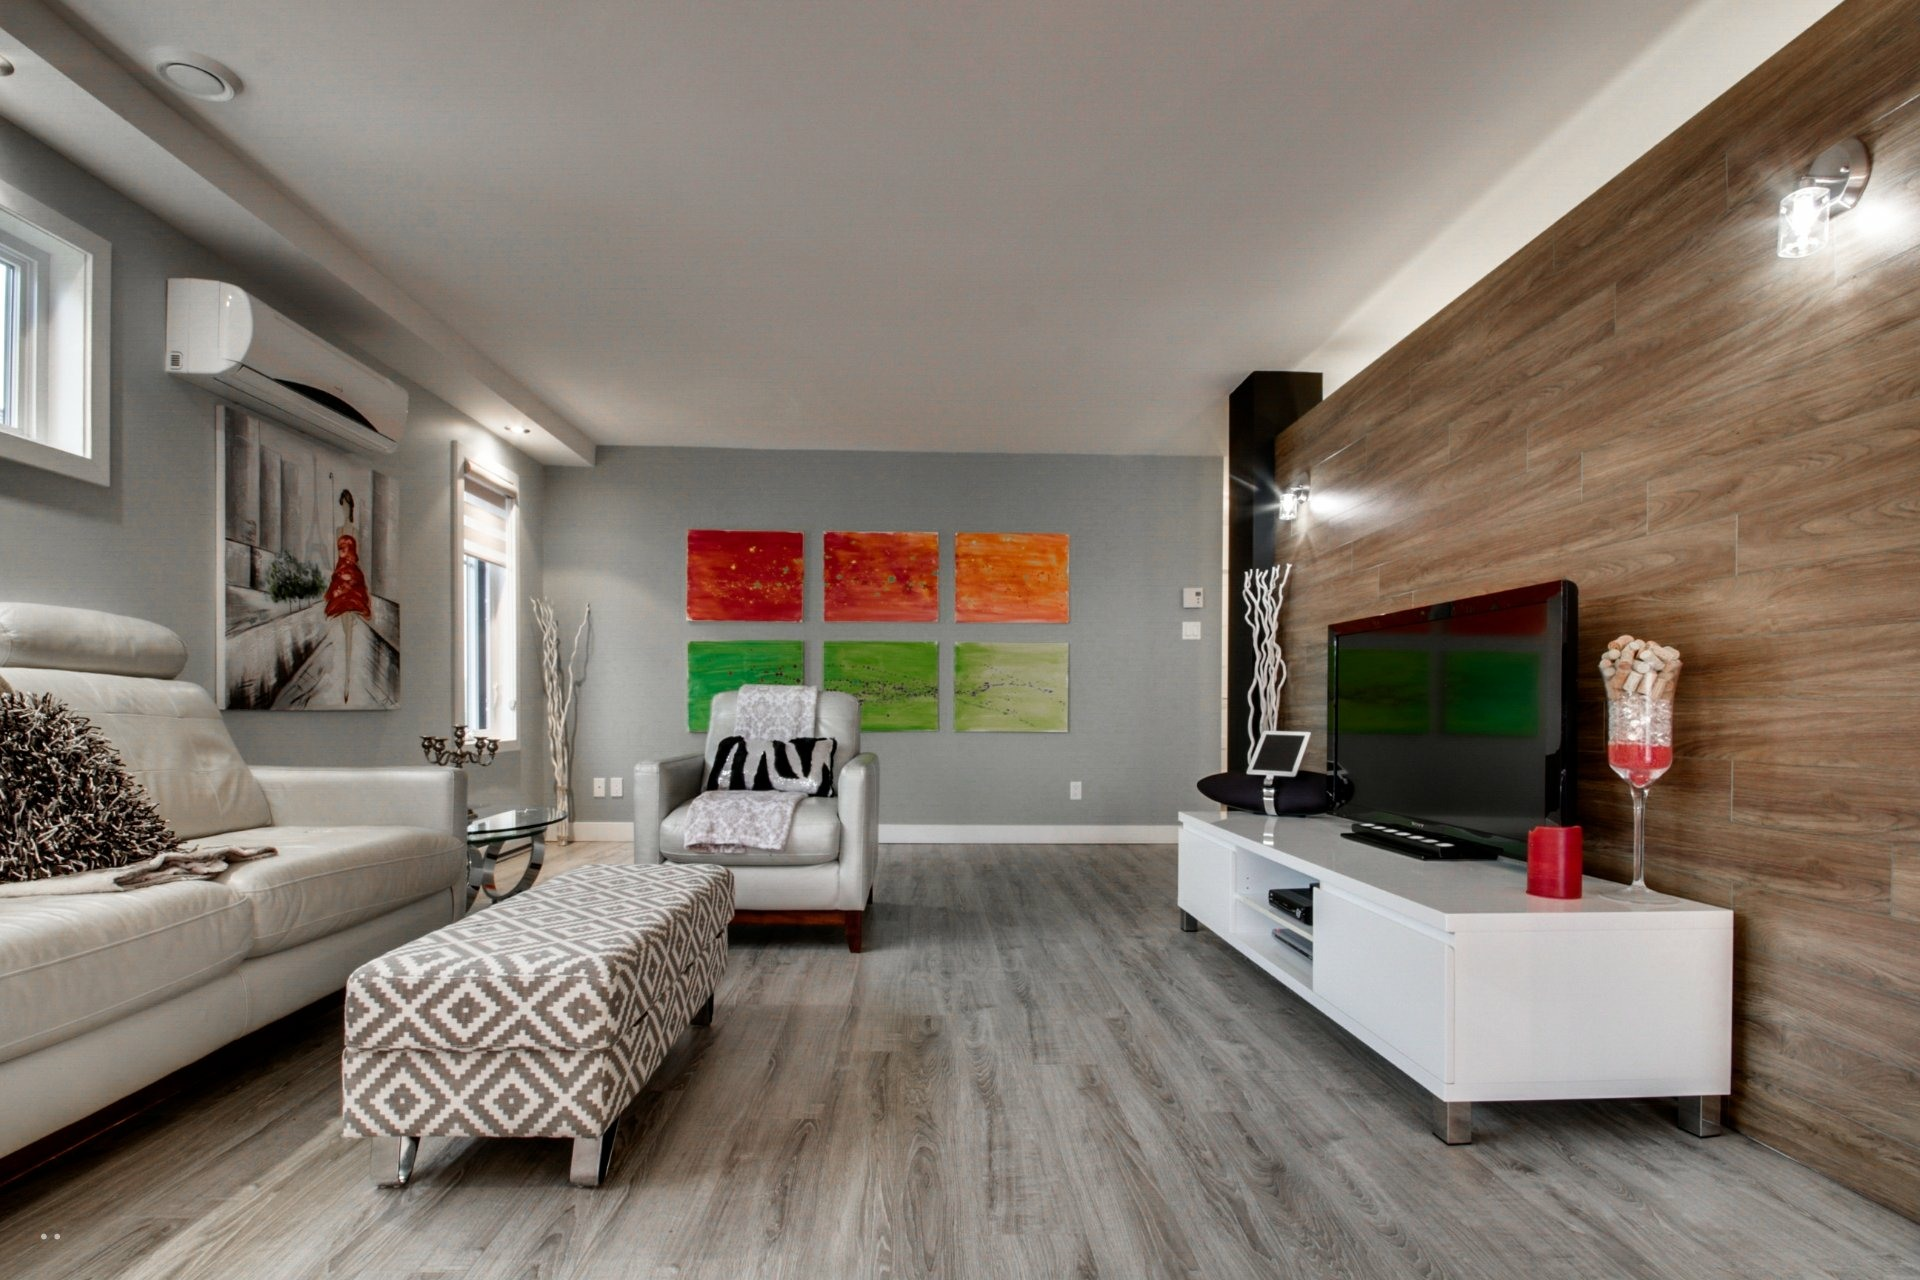 image 40 - Appartement À vendre Trois-Rivières - 7 pièces